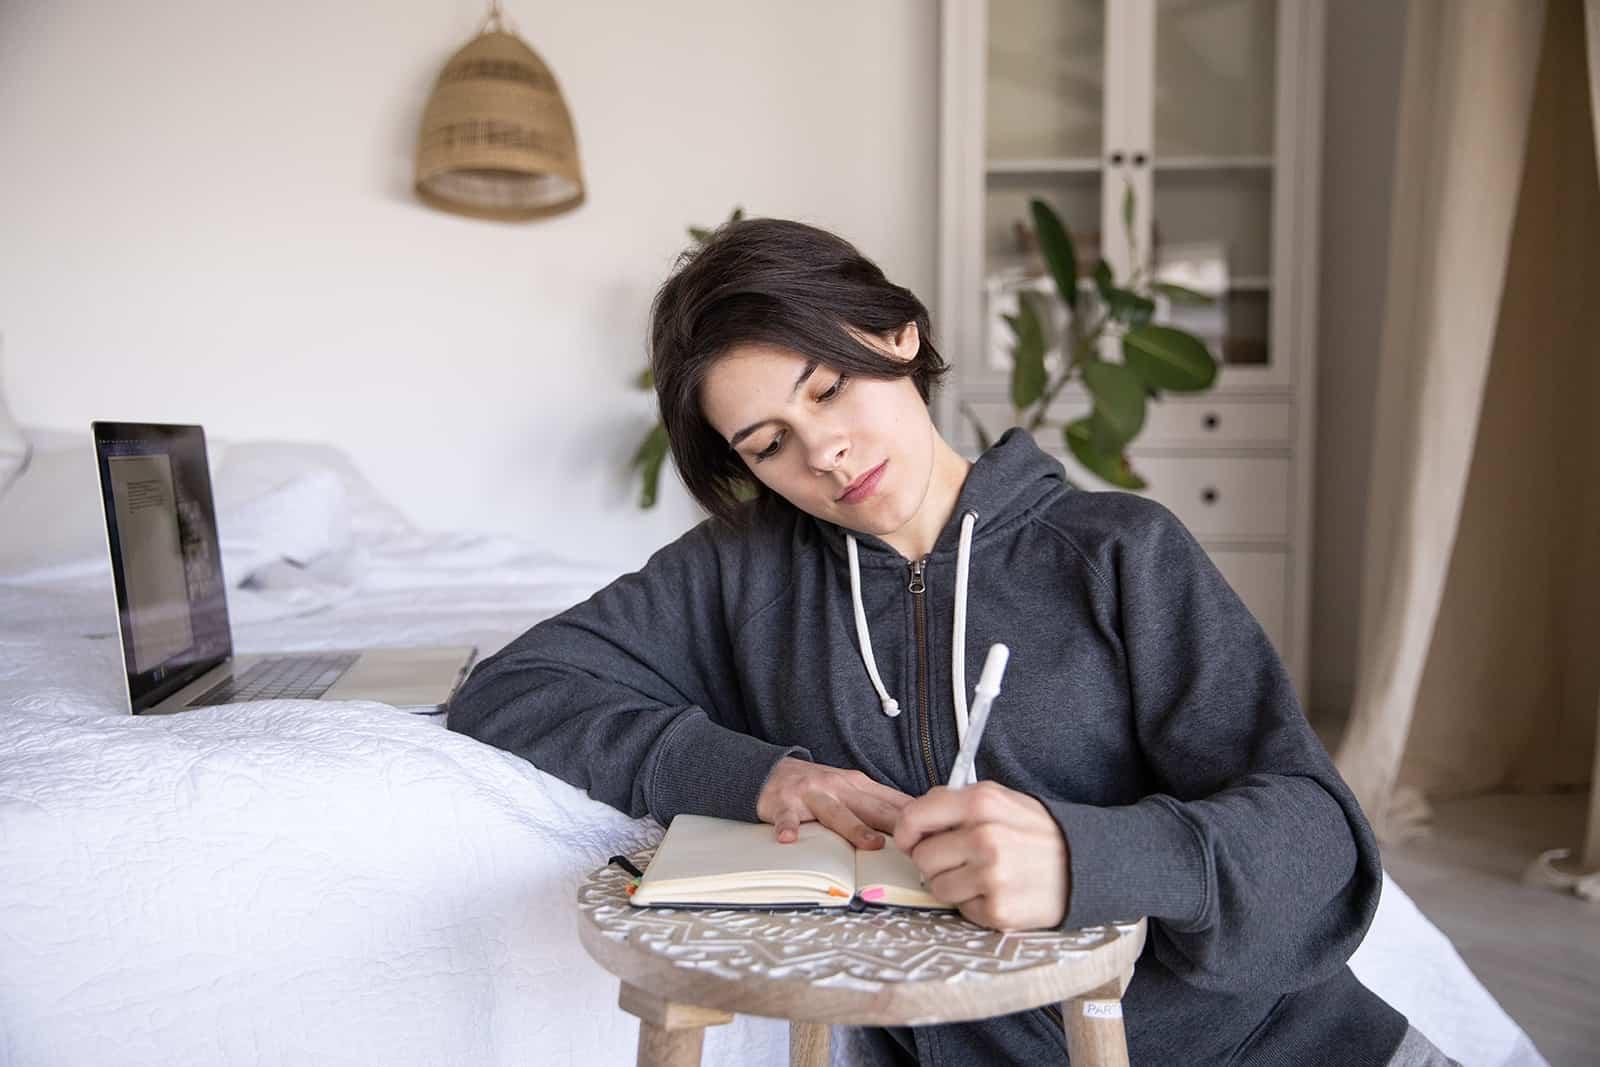 eine nachdenkliche Frau, die in ein Notizbuch schreibt, während sie in der Nähe des Bettes sitzt